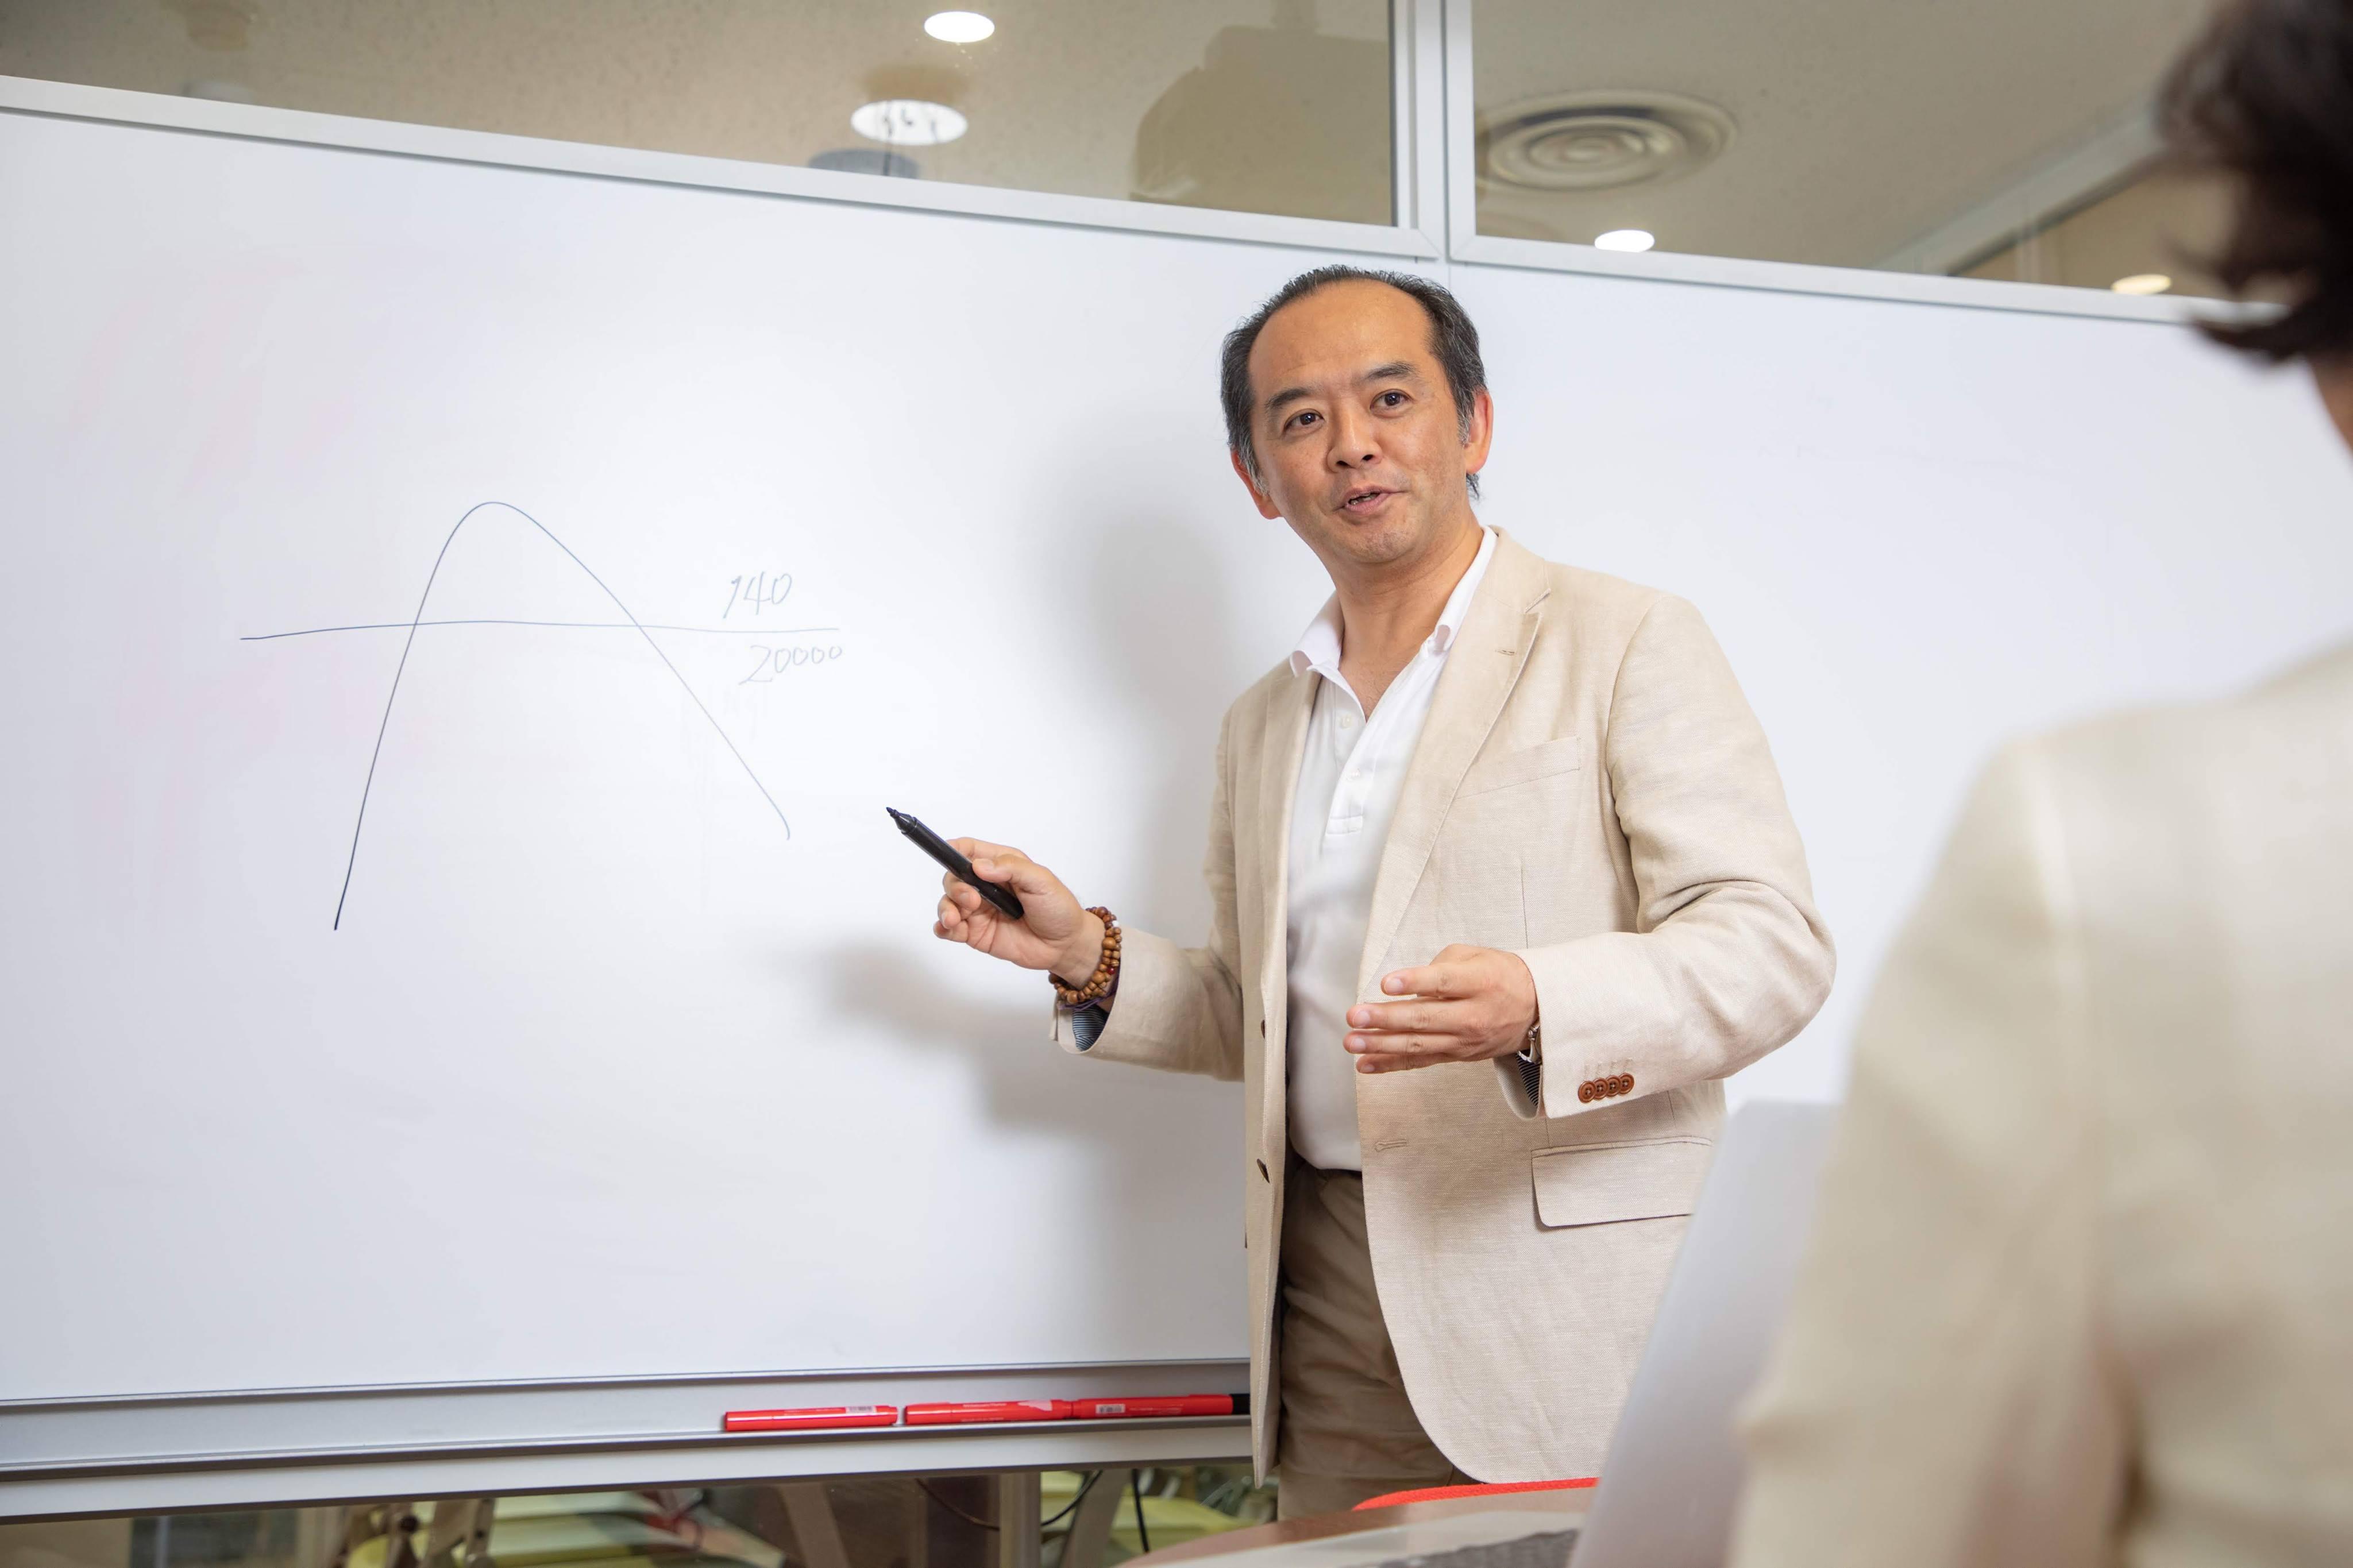 【起業事例】53歳で起業。認知科学に基づくコーチングで上昇志向のあるビジネスパーソンをサポート